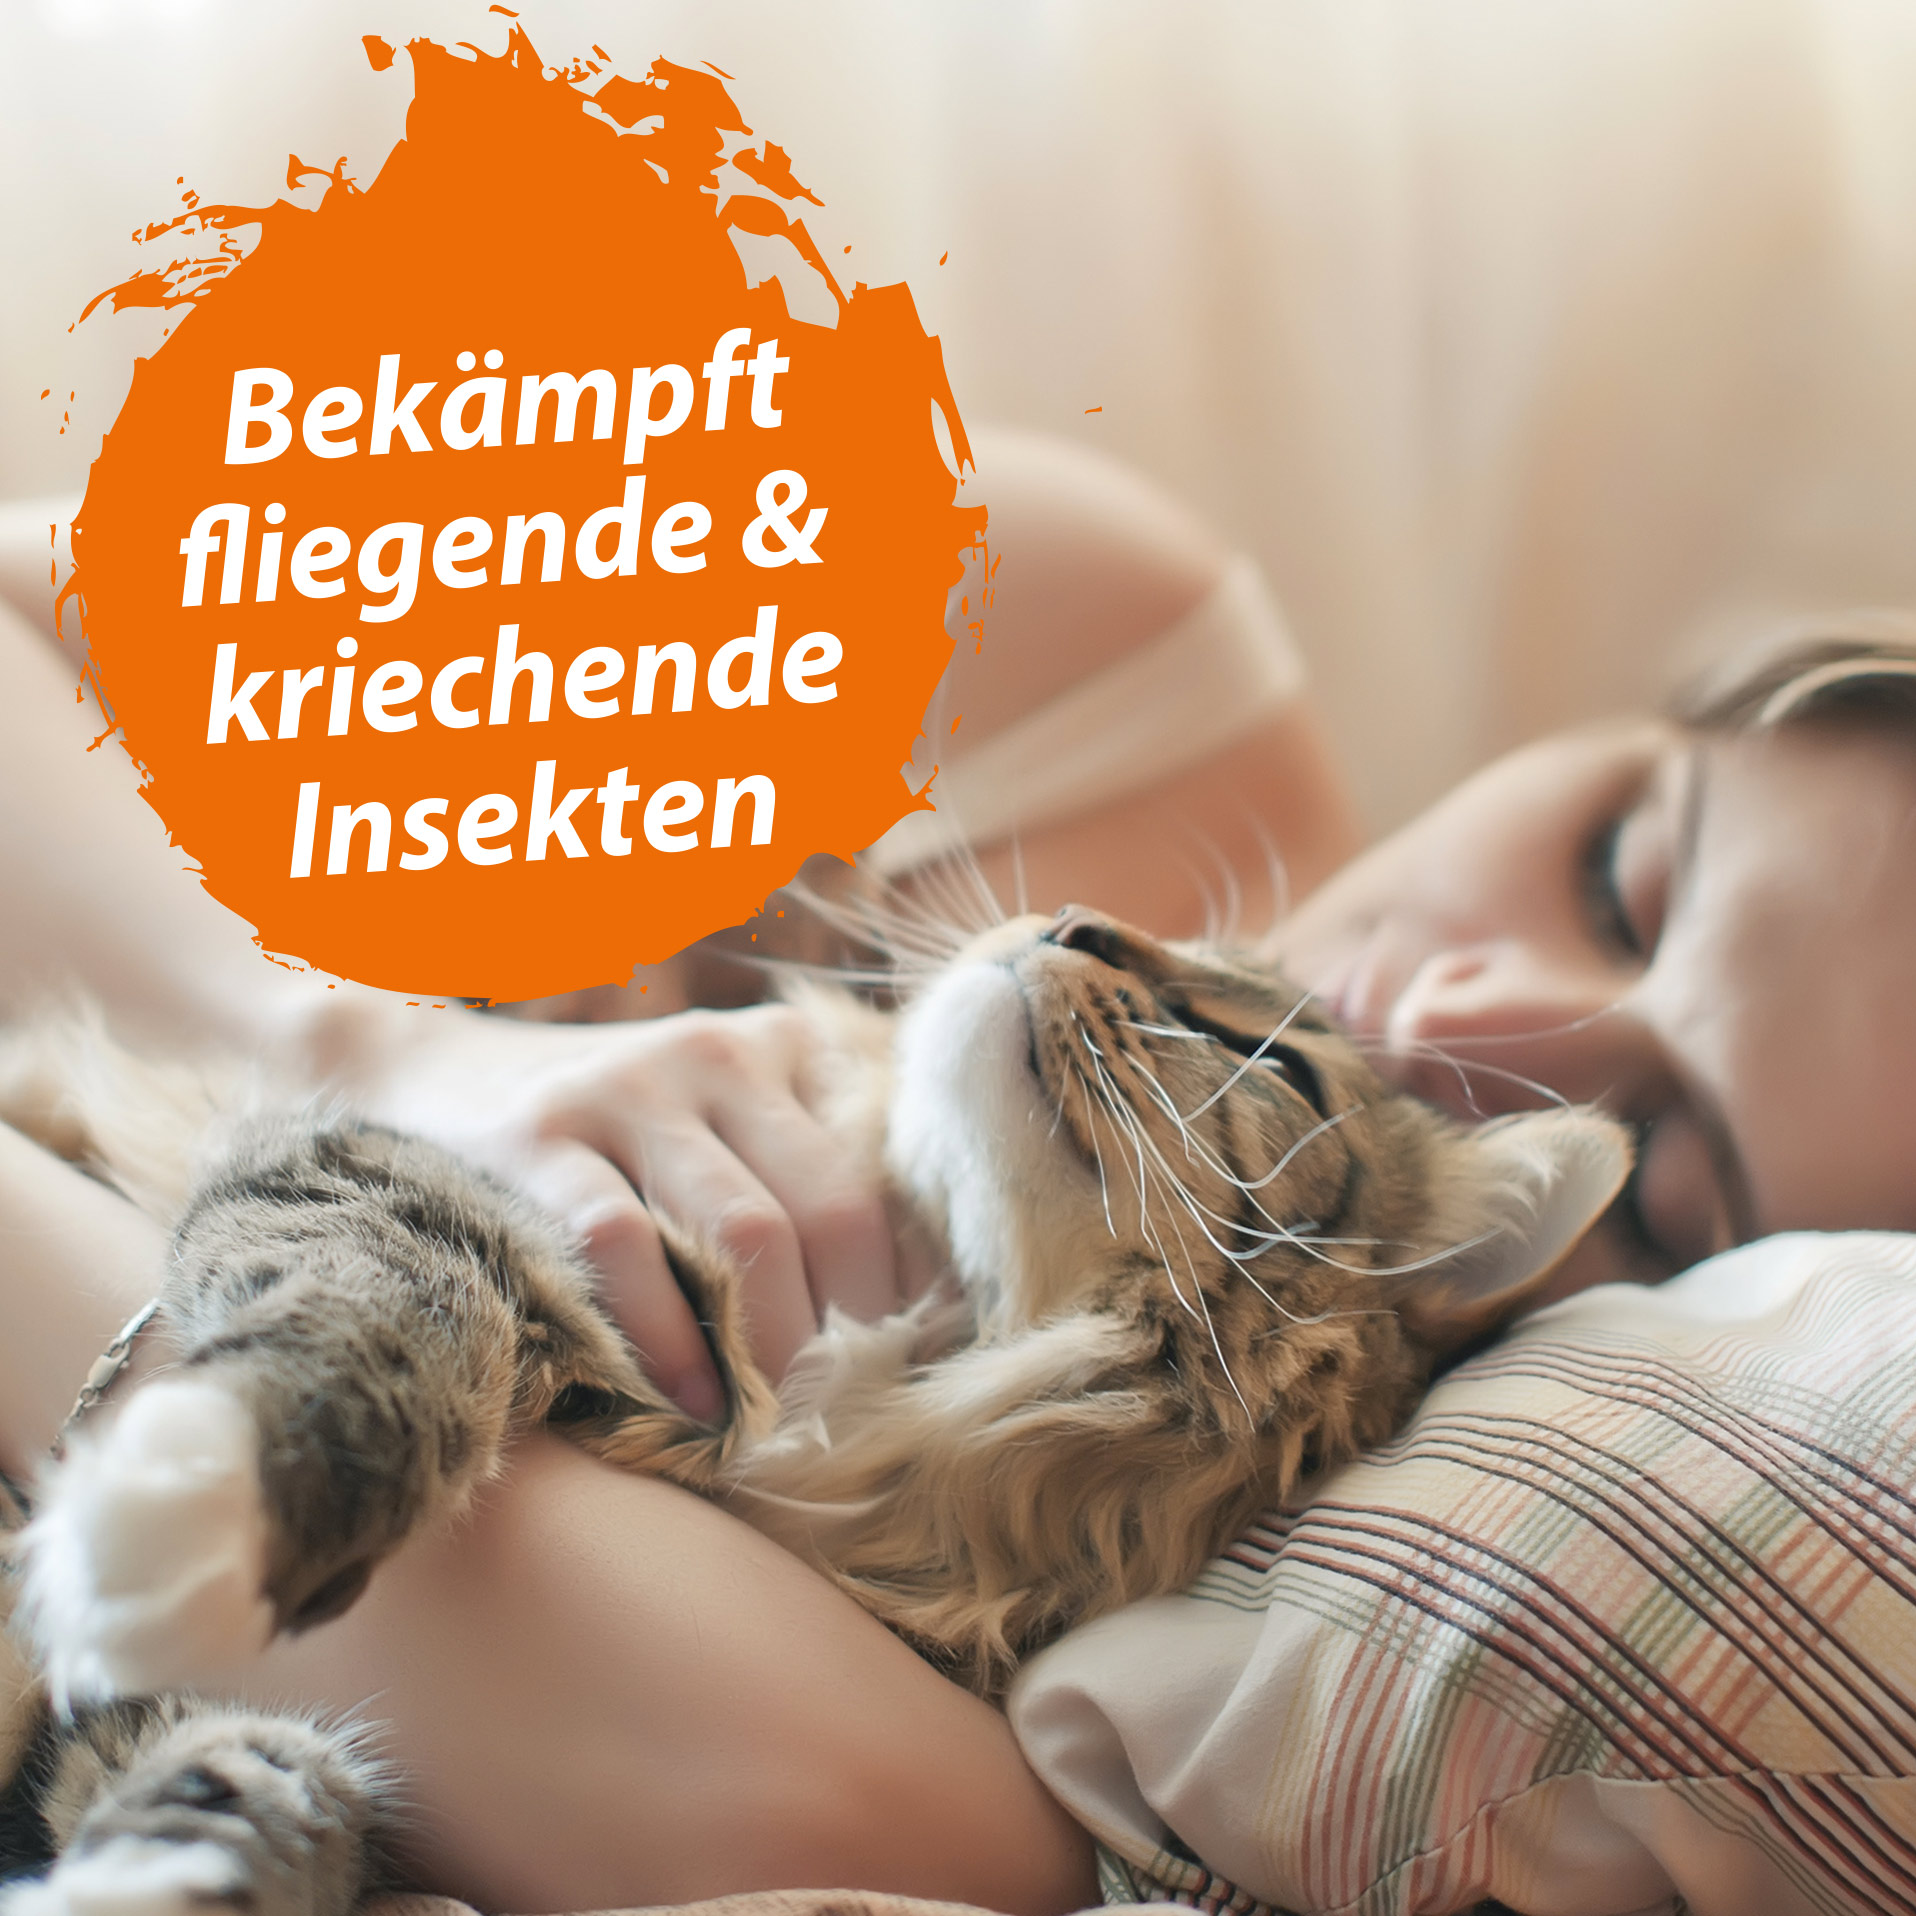 Fogger Vernebler gegen Flöhe, Zecken, Läuse, Milben & andere Insekten - 5x 300 ml